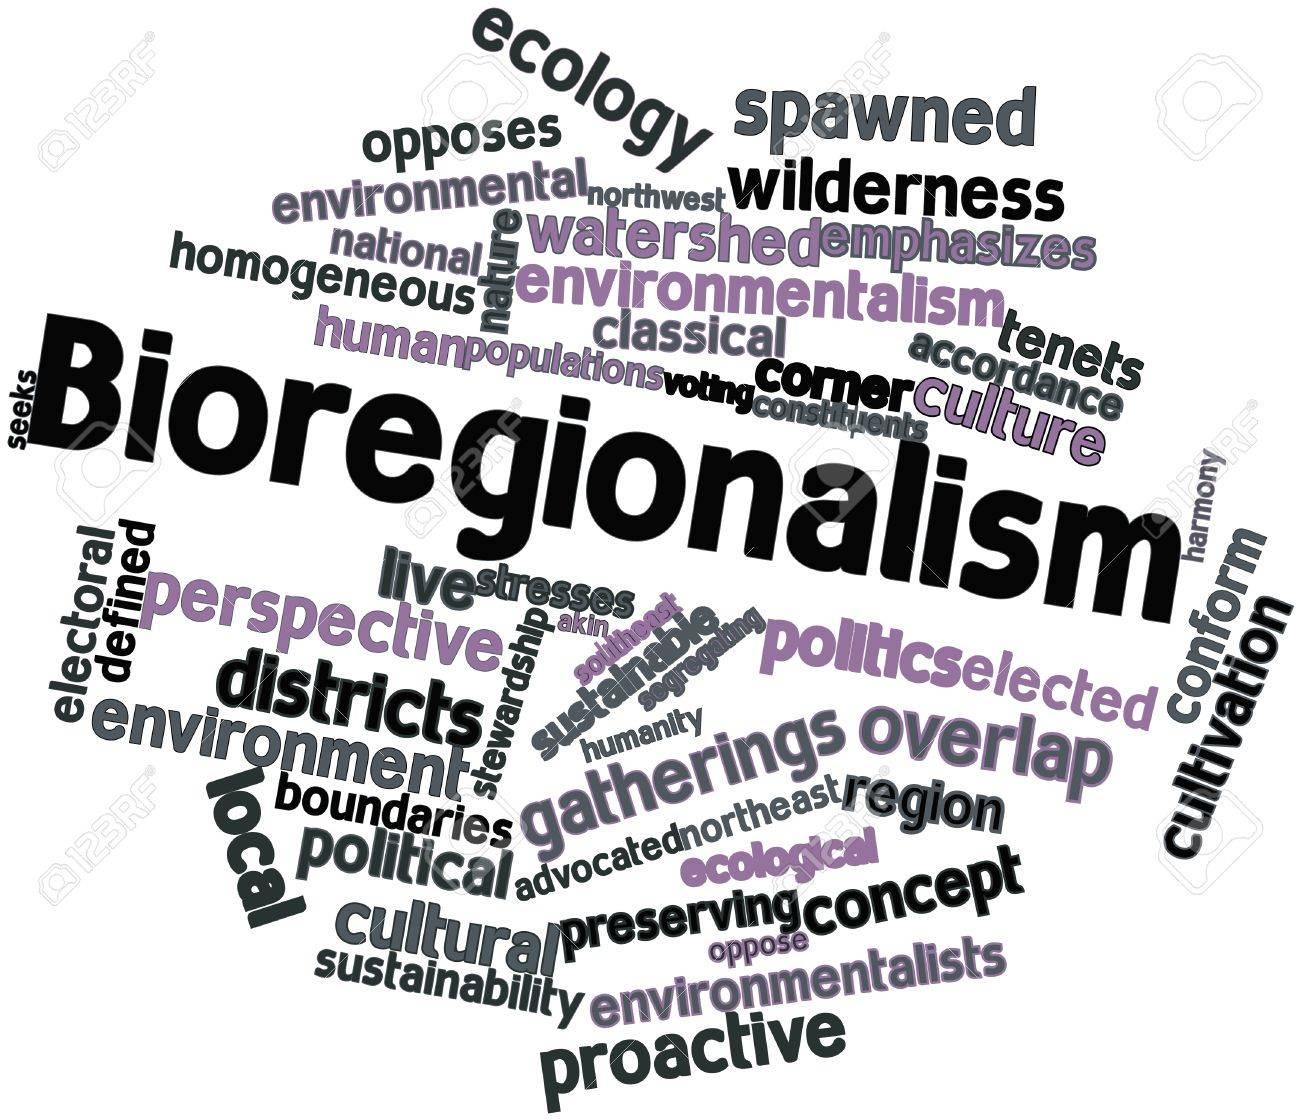 Risultati immagini per Bioregionalism,